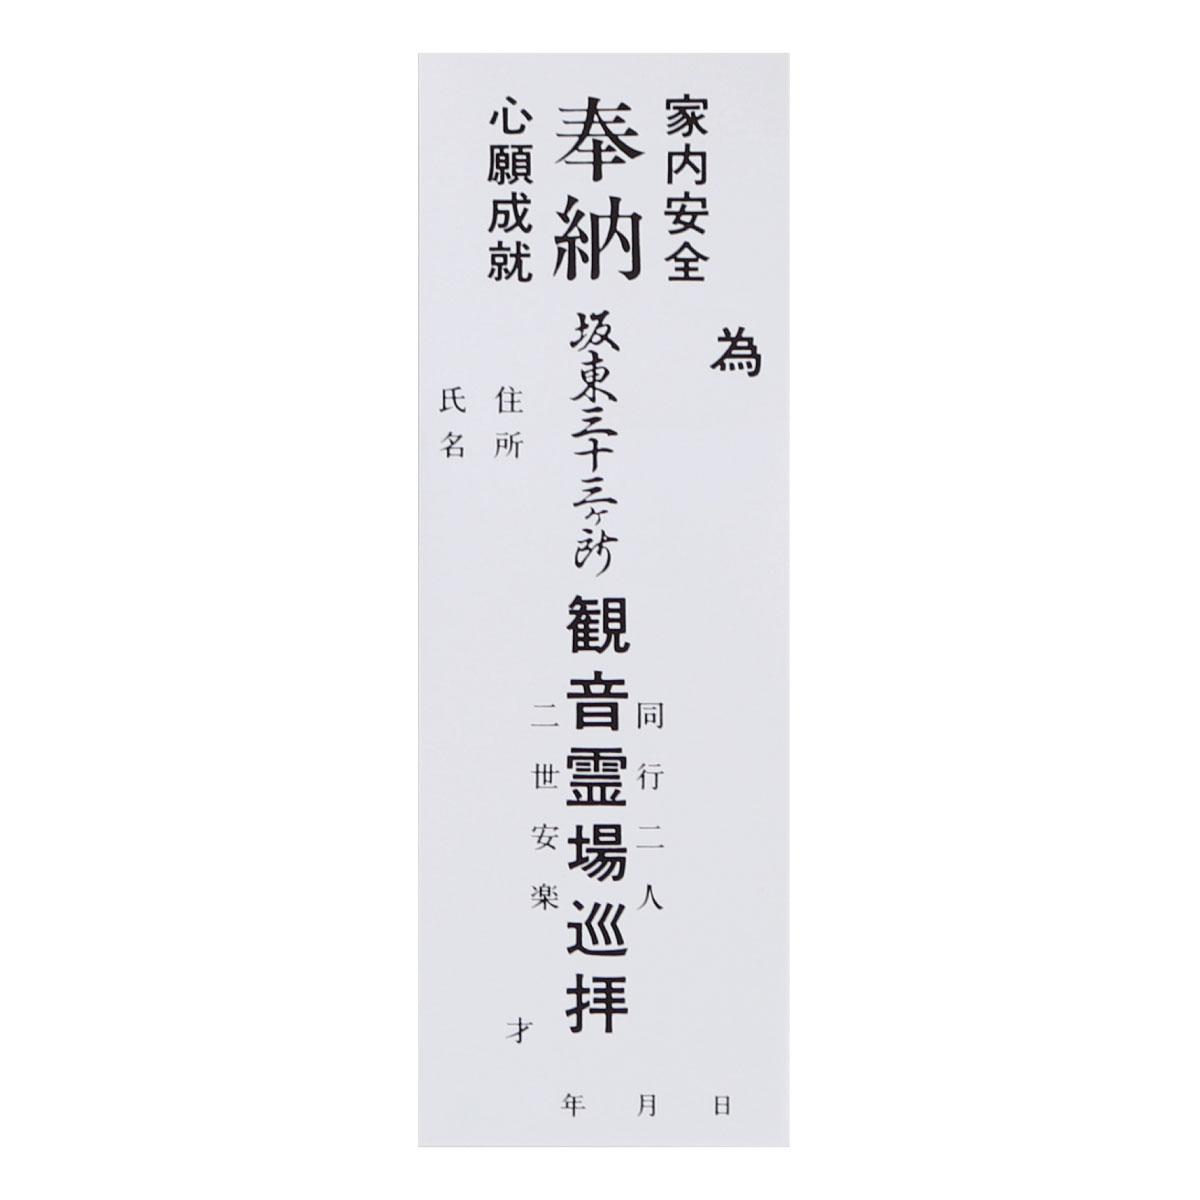 納札 坂東三十三ヶ所用